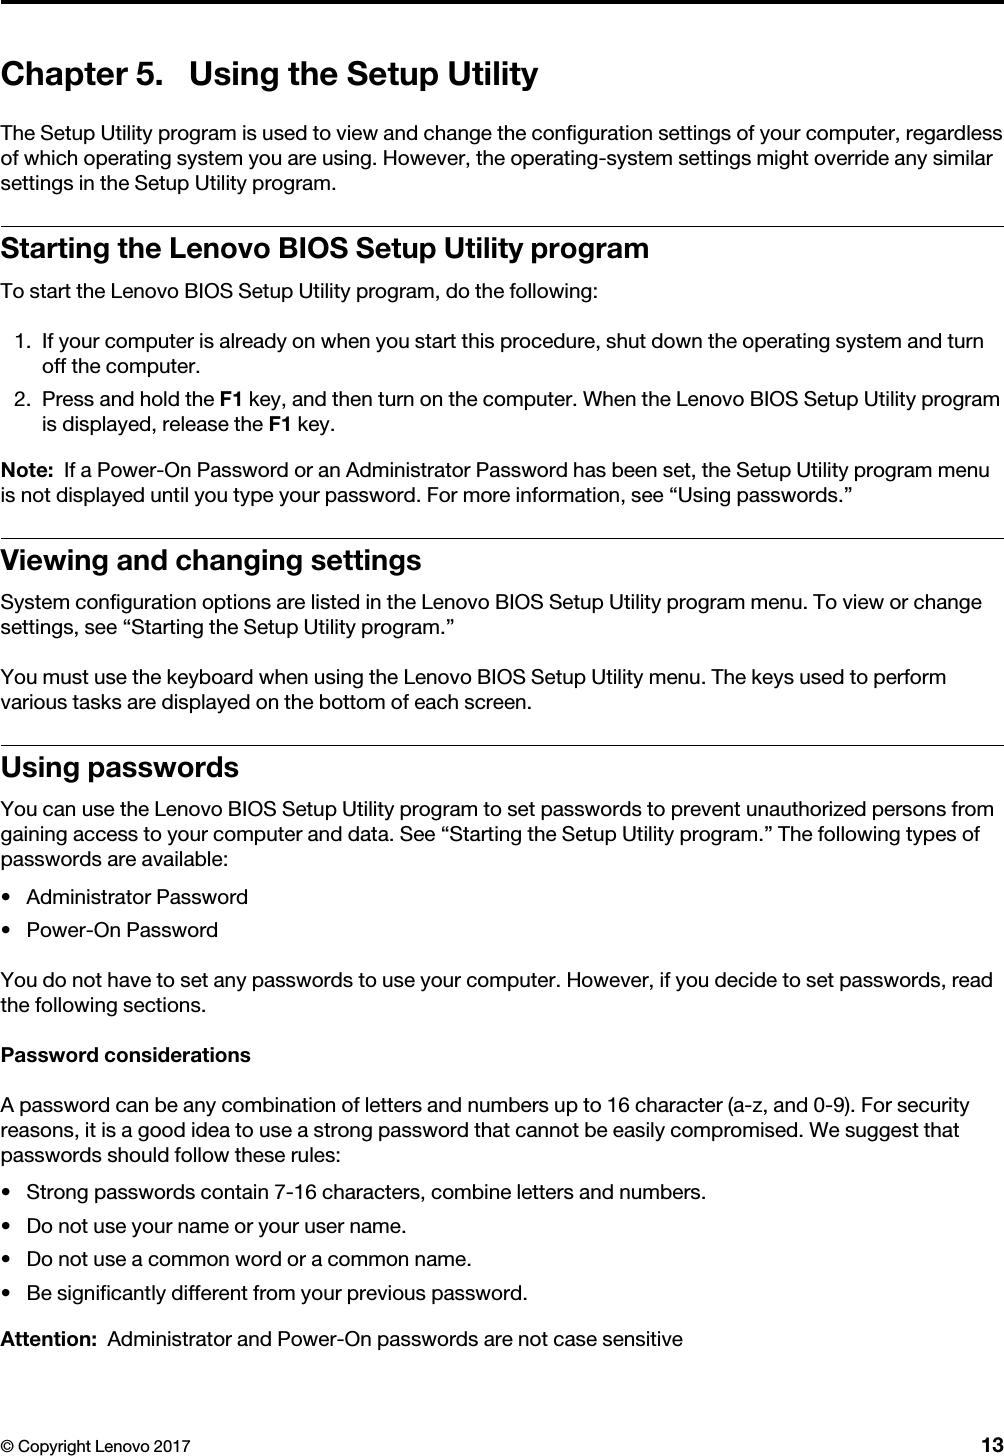 Lenovo Bios Guide